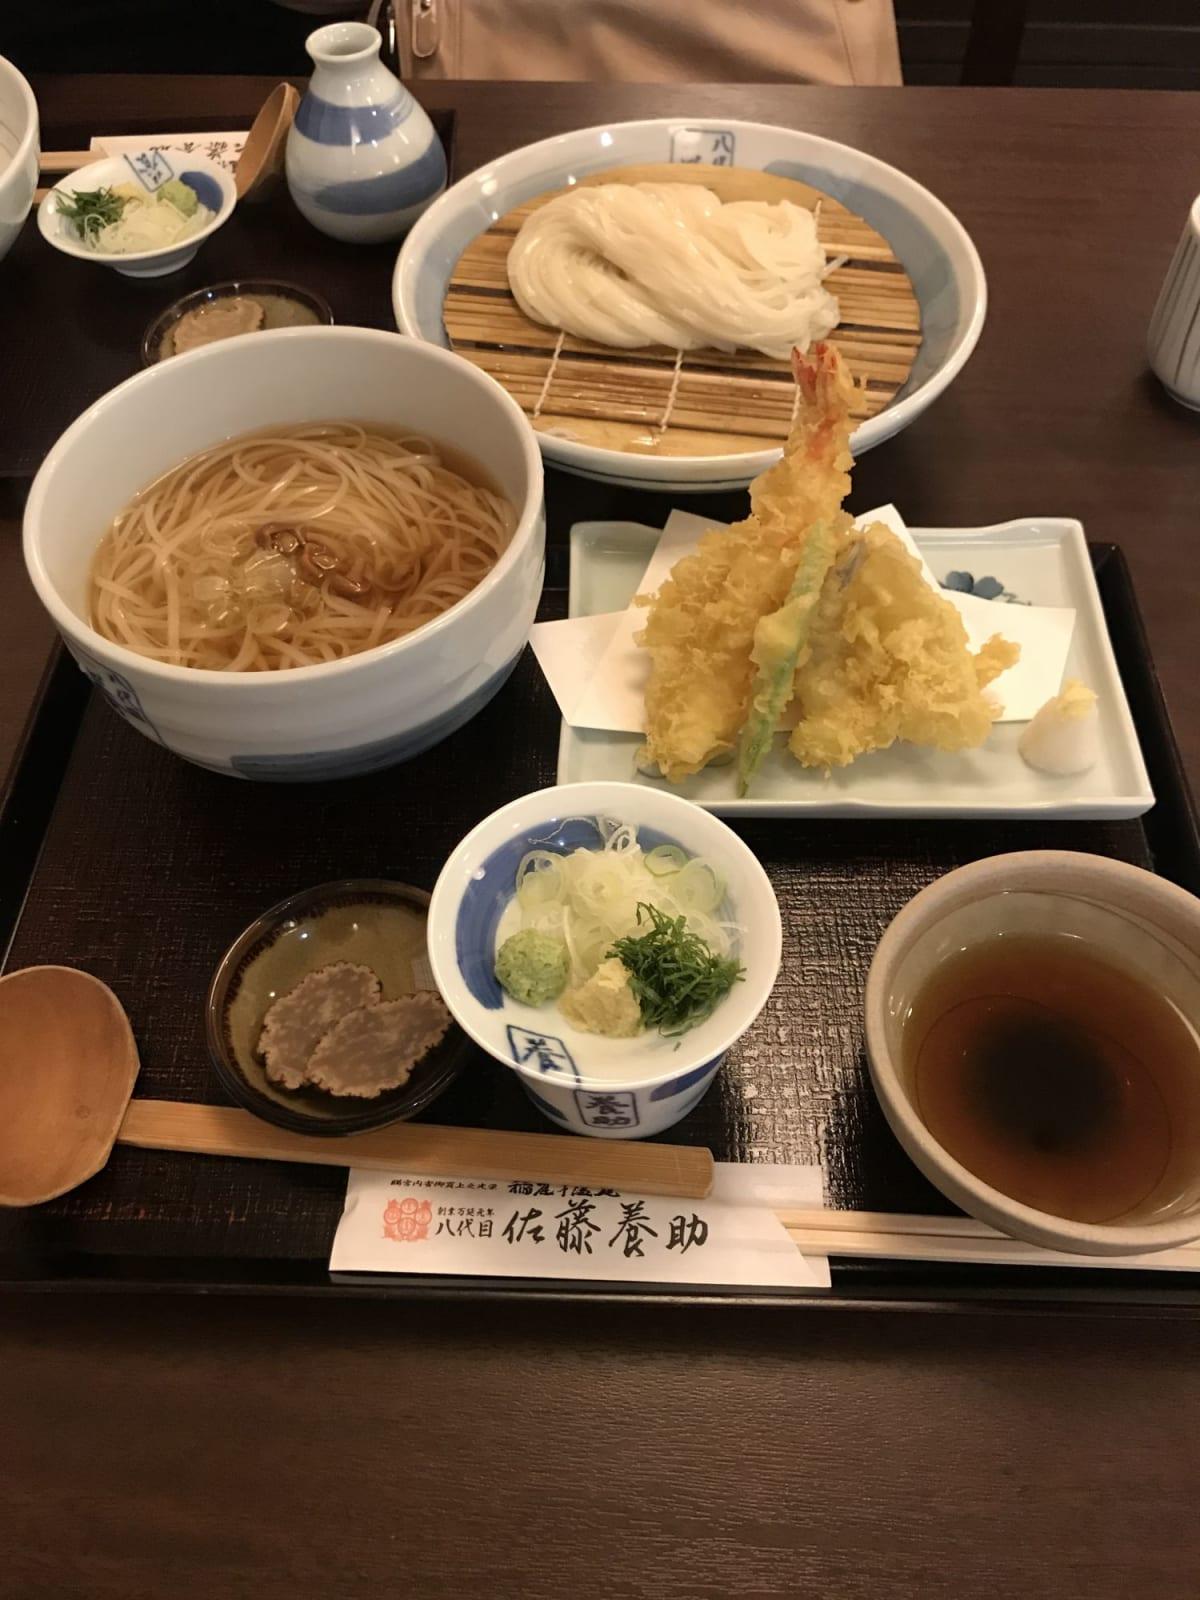 伊藤養助の稲庭うどん、食べ比べセット1800円。